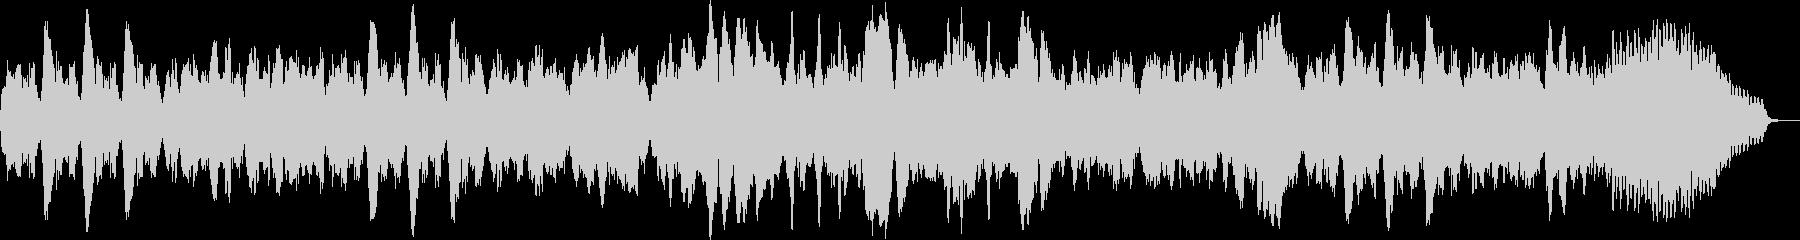 フルートとチェンバロのオリジナルバロックの未再生の波形